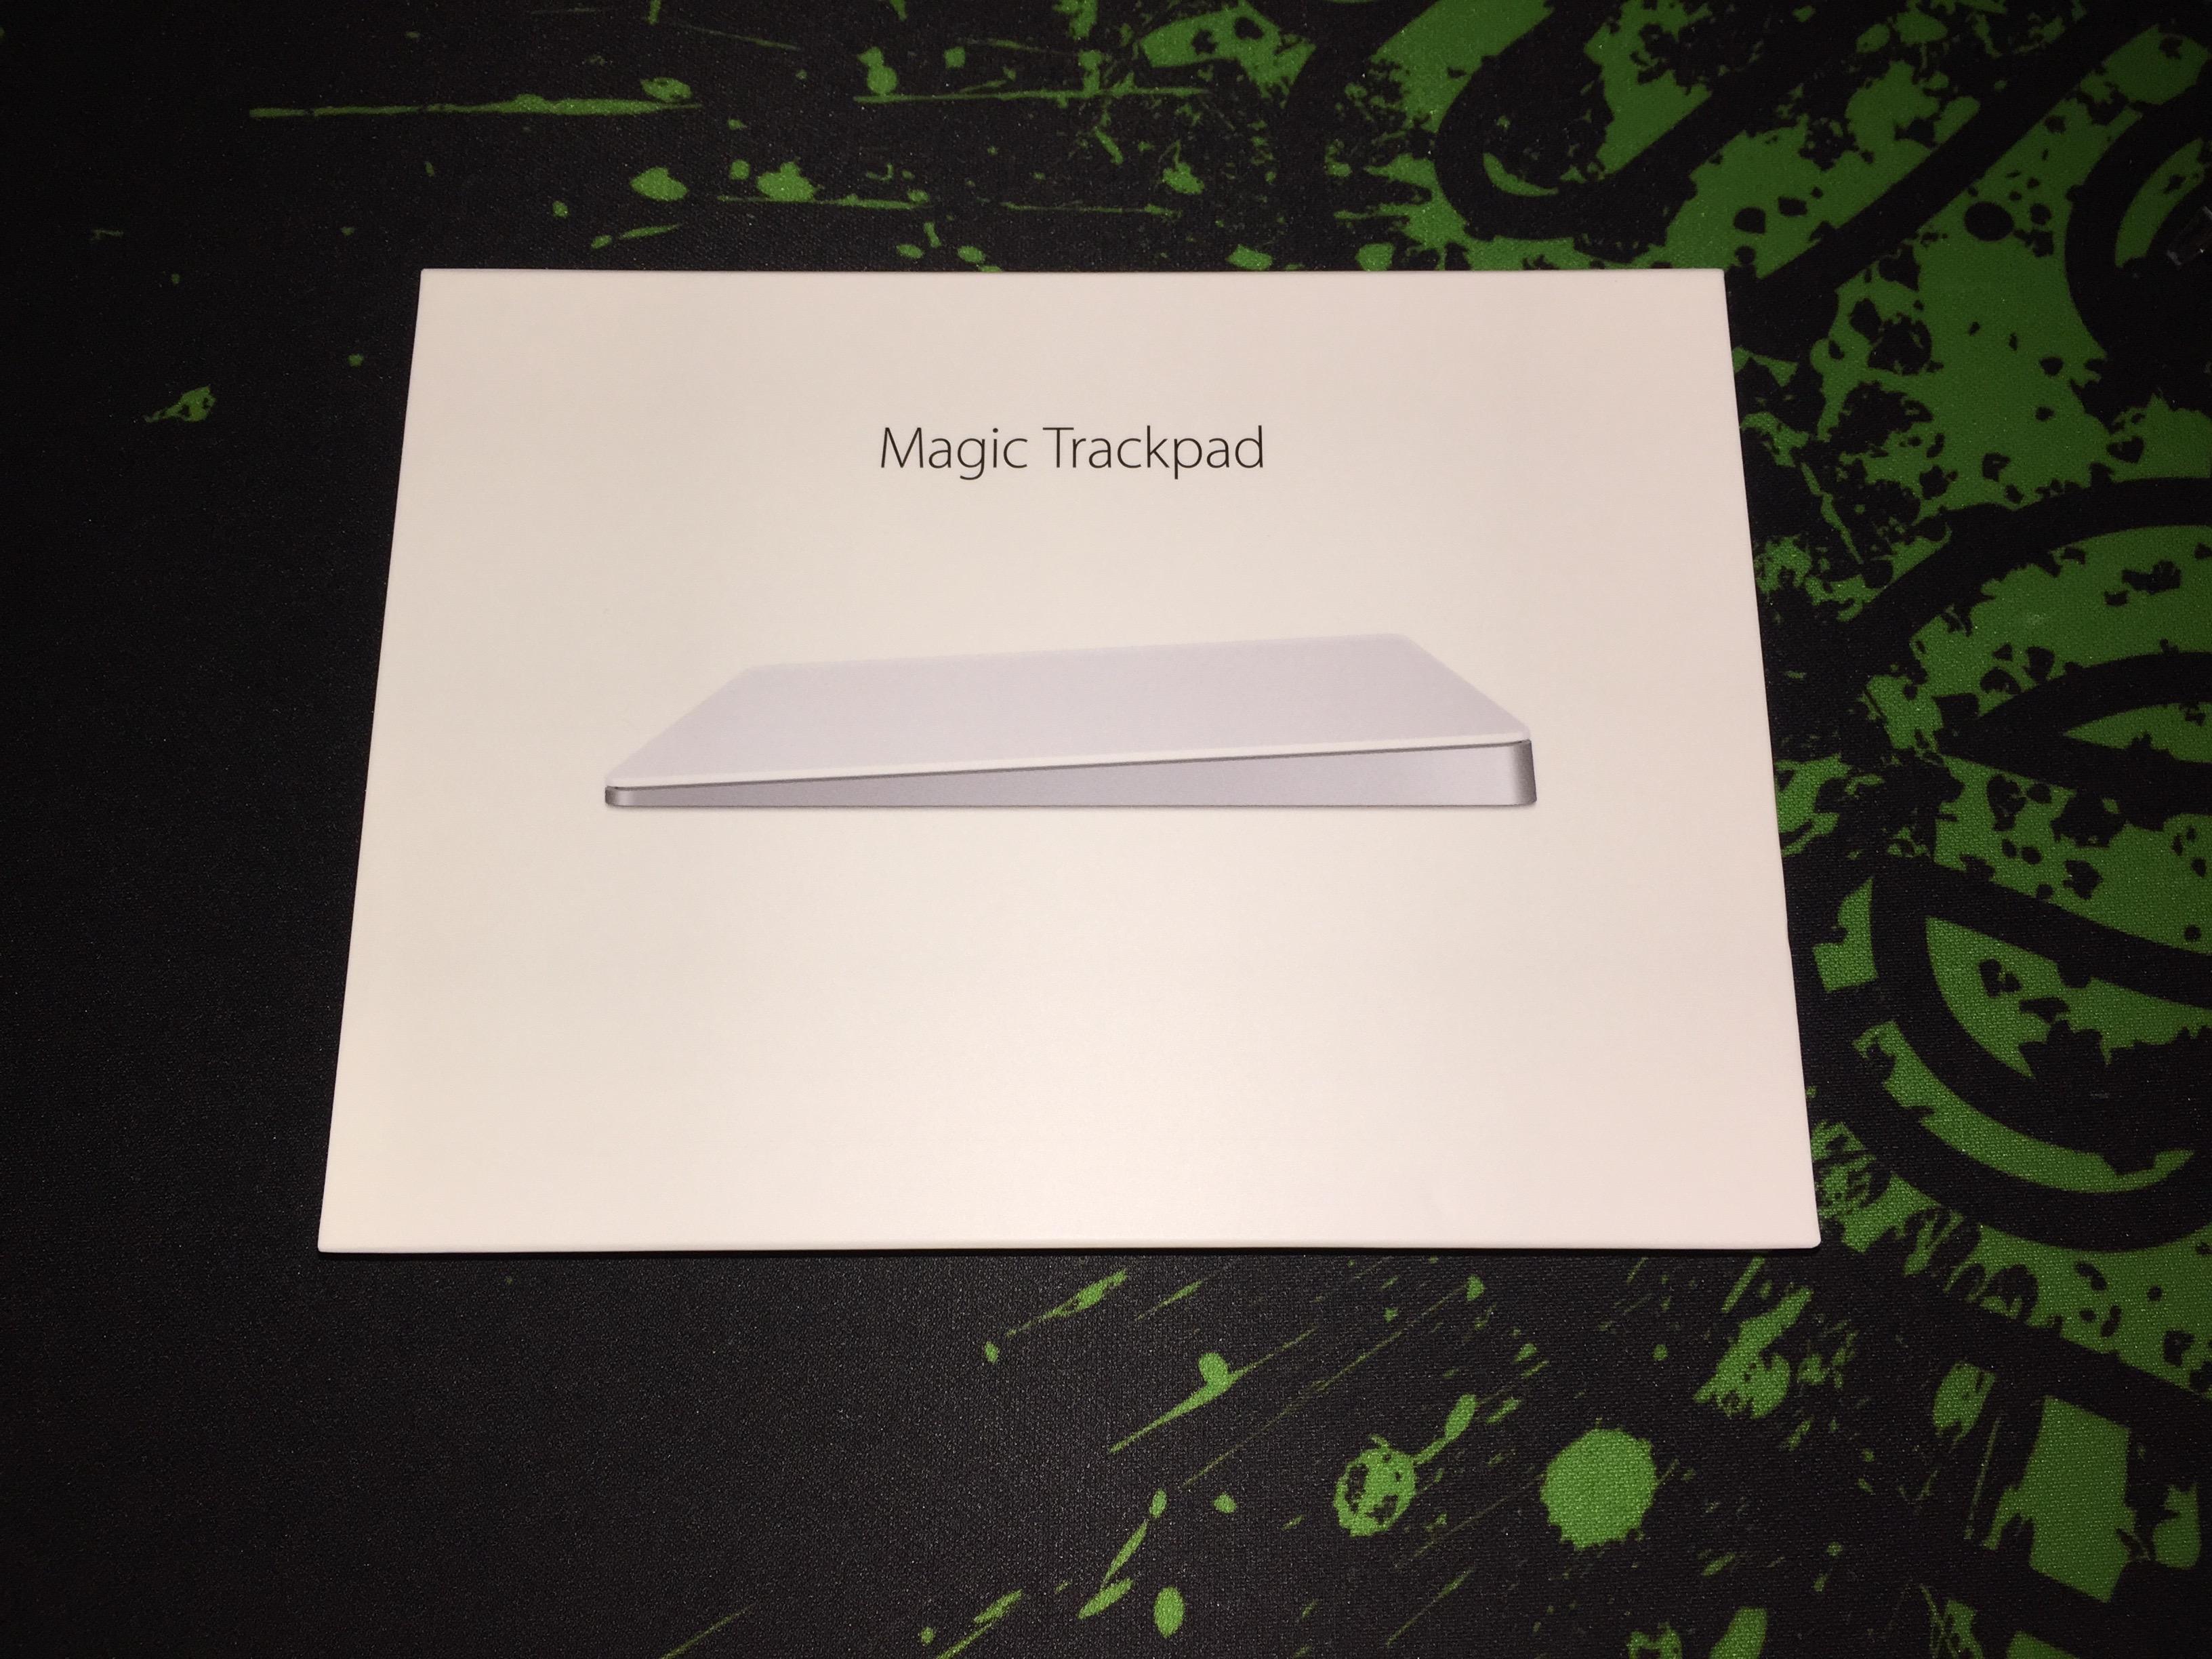 Myydän, apple näppäimistö ja magic trackpad, muroBBS